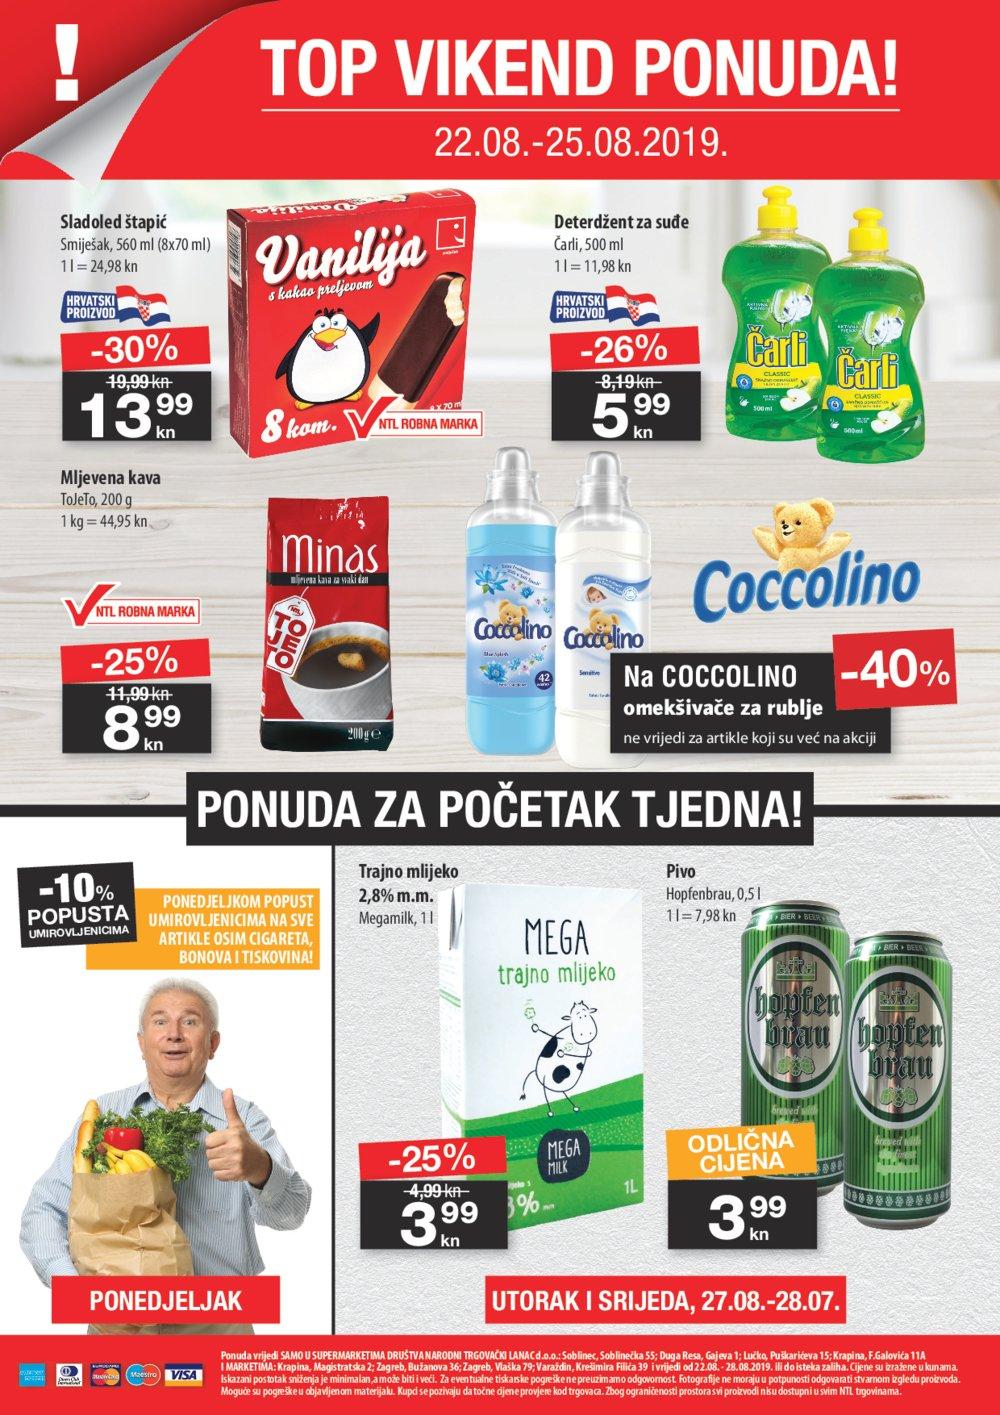 NTL katalog Akcija 22.08.2019.-28.08.2019. Soblinec, Duga Resa, Lučko, Krapina F. Galovića, Krapina Magistratska, Zagreb Bužanova, Zagreb Vlaška, Varaždin